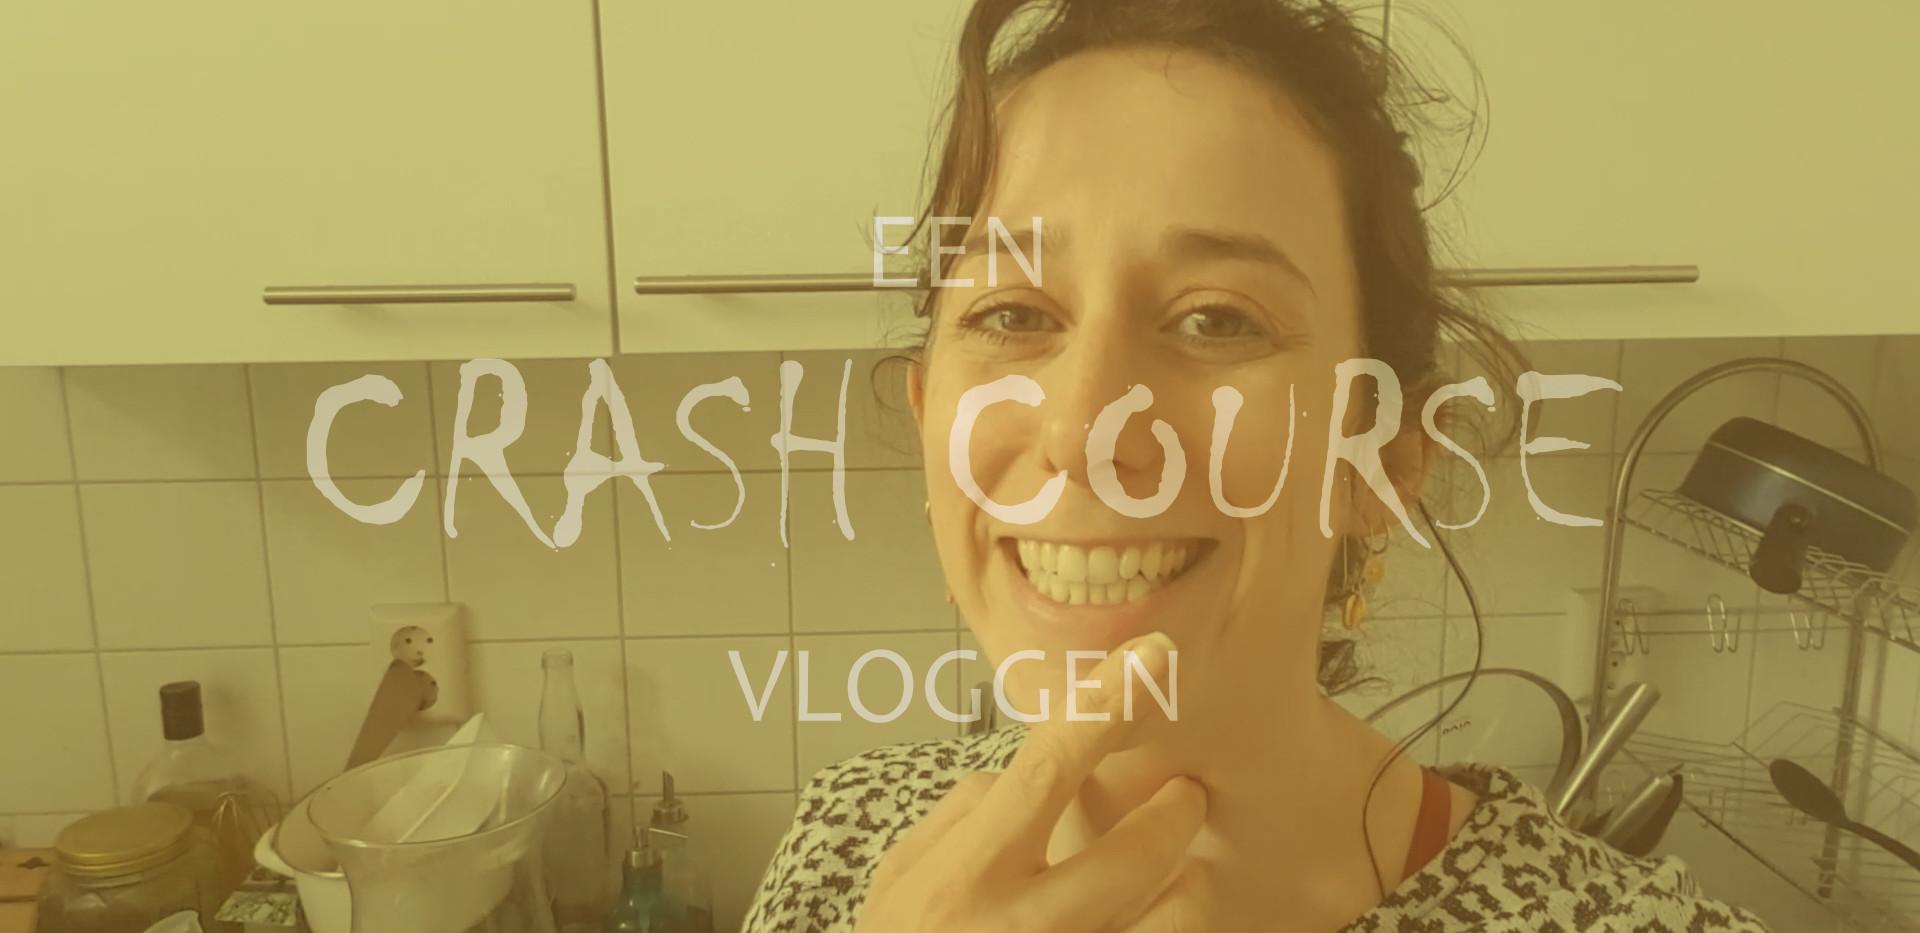 Crash course vloggen, titel